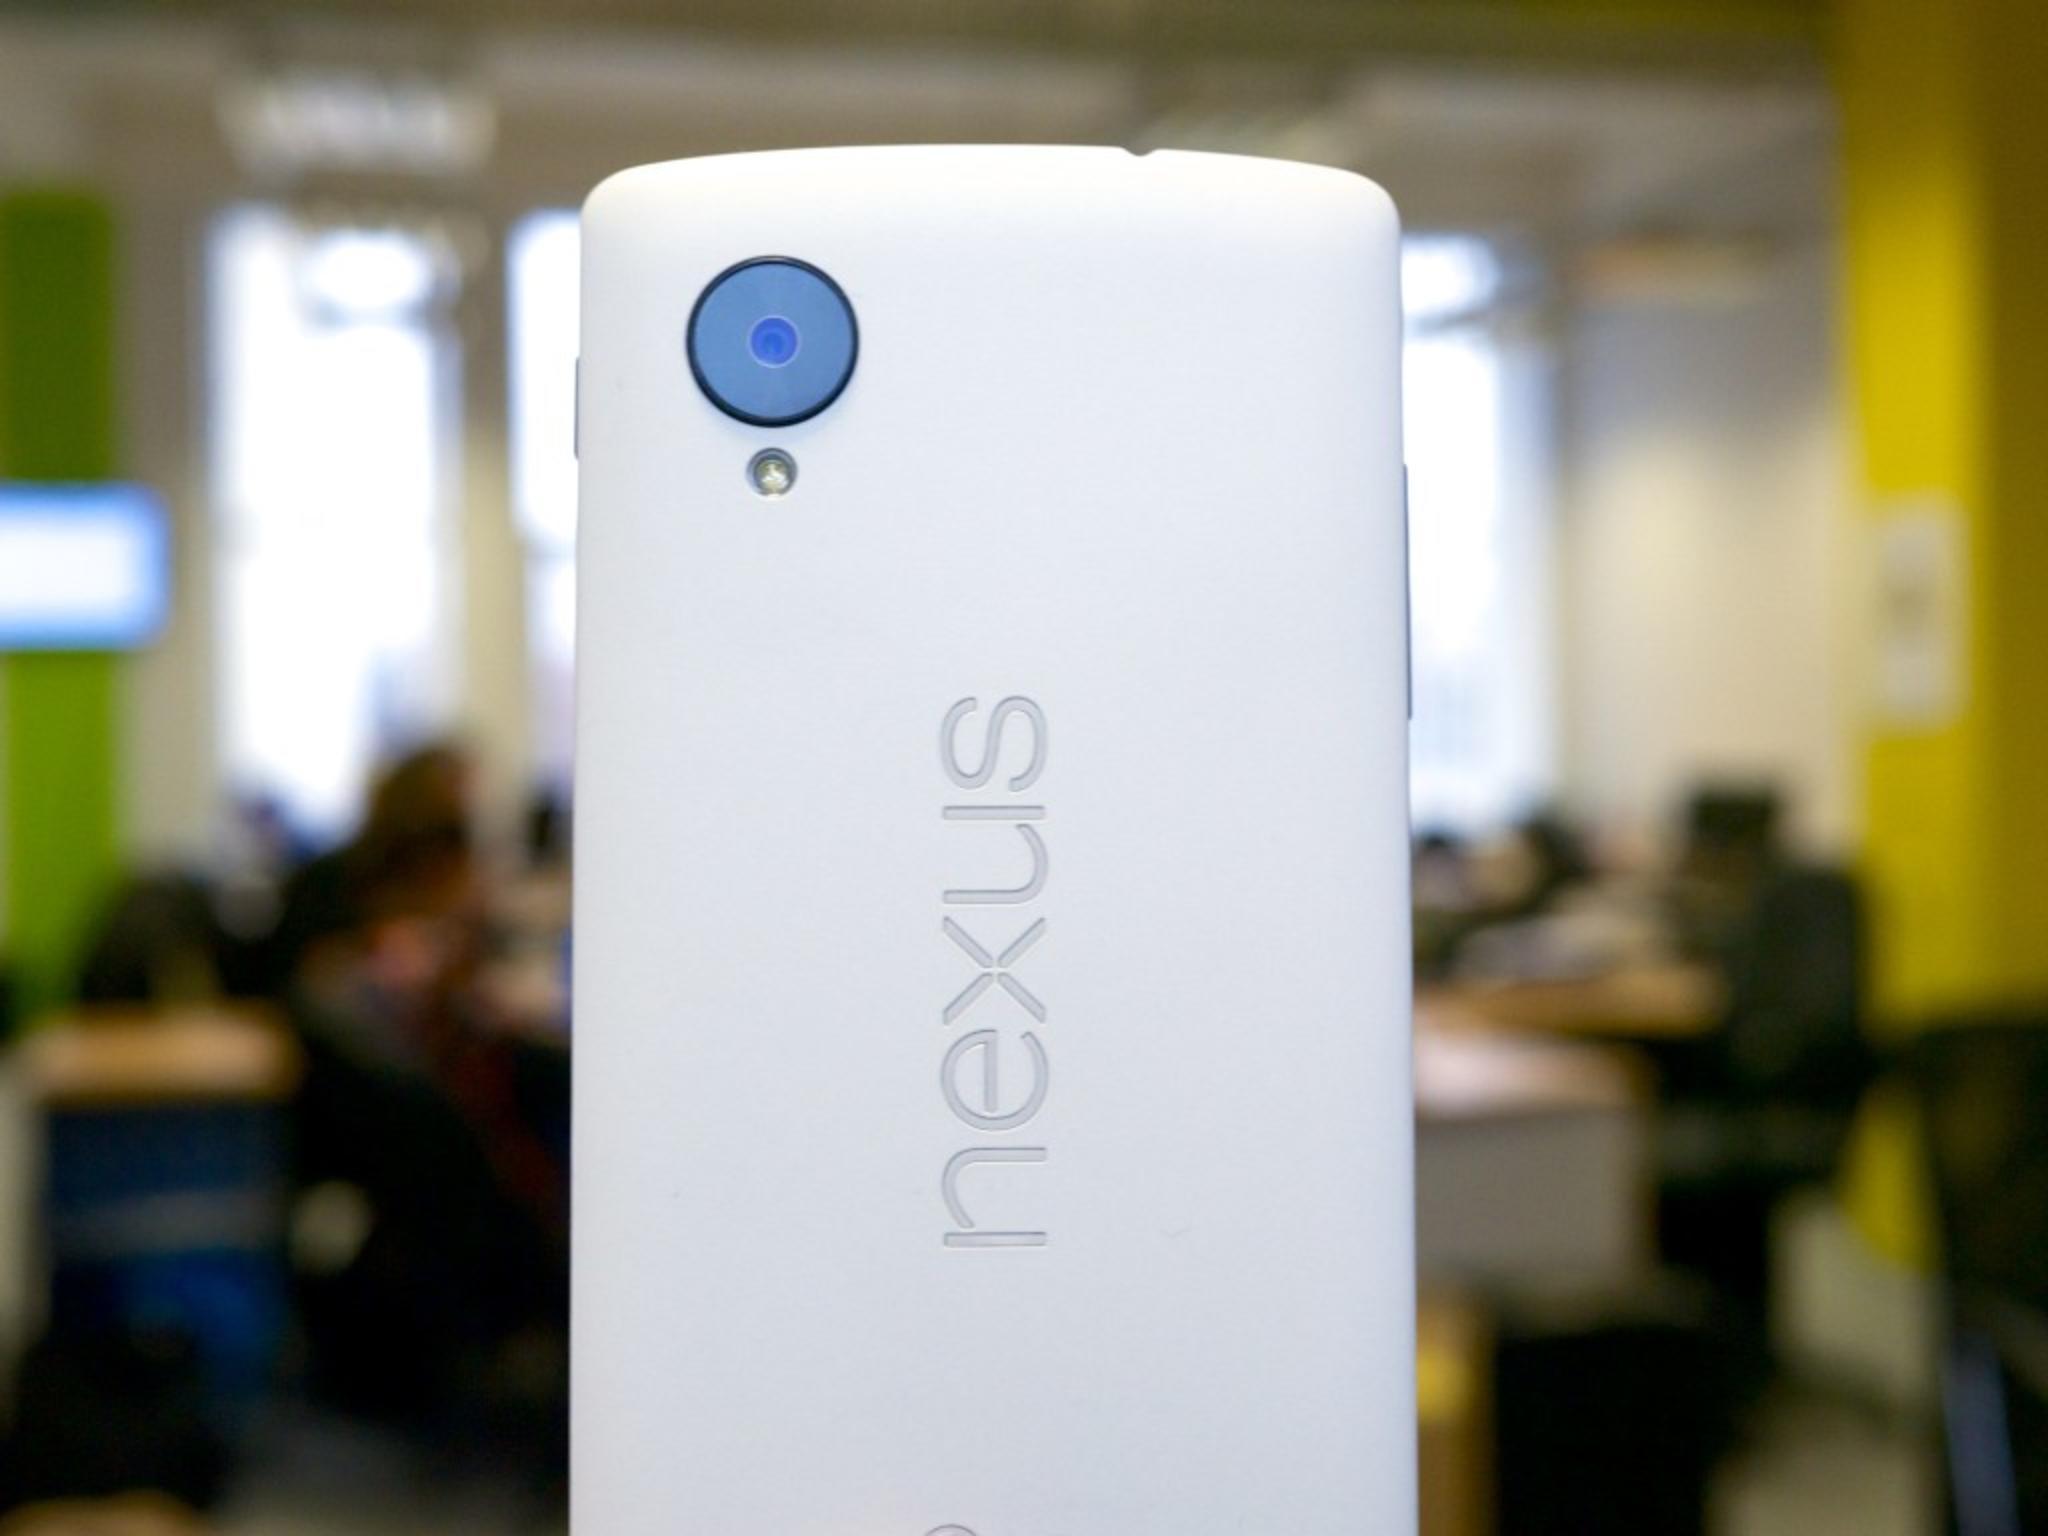 Google-Smartphones gibt es schon – ein Google-Telefonnetz auch bald?